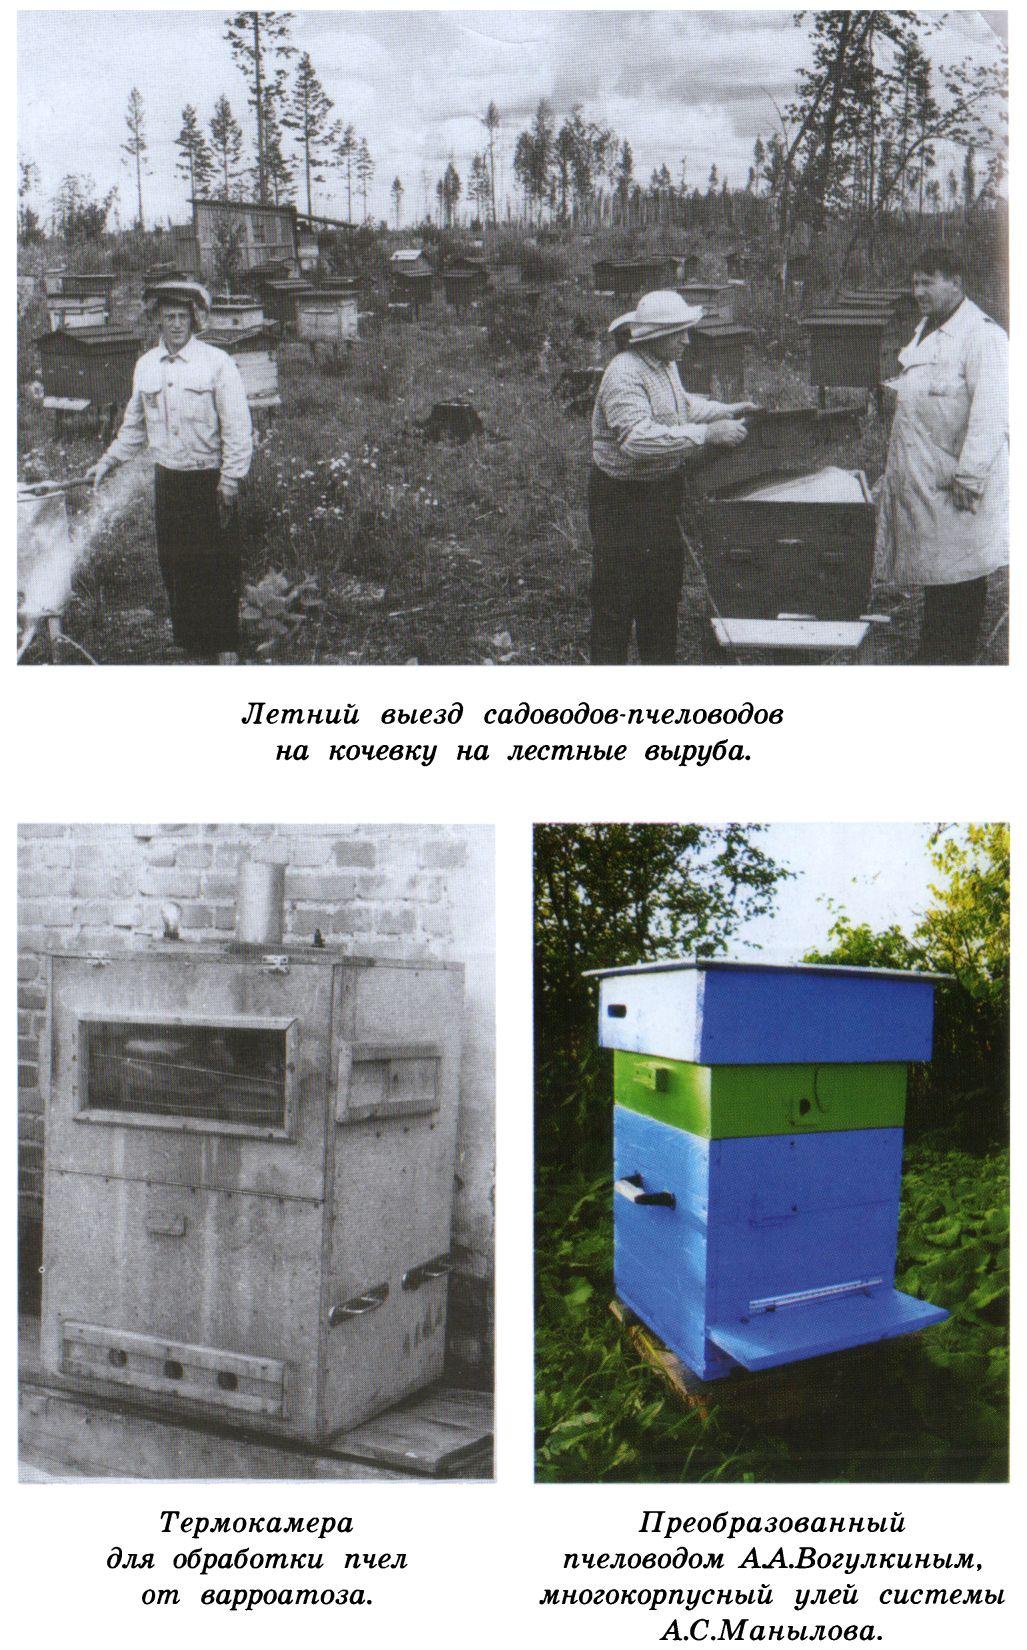 Своими руками термокамеру для обработки пчел